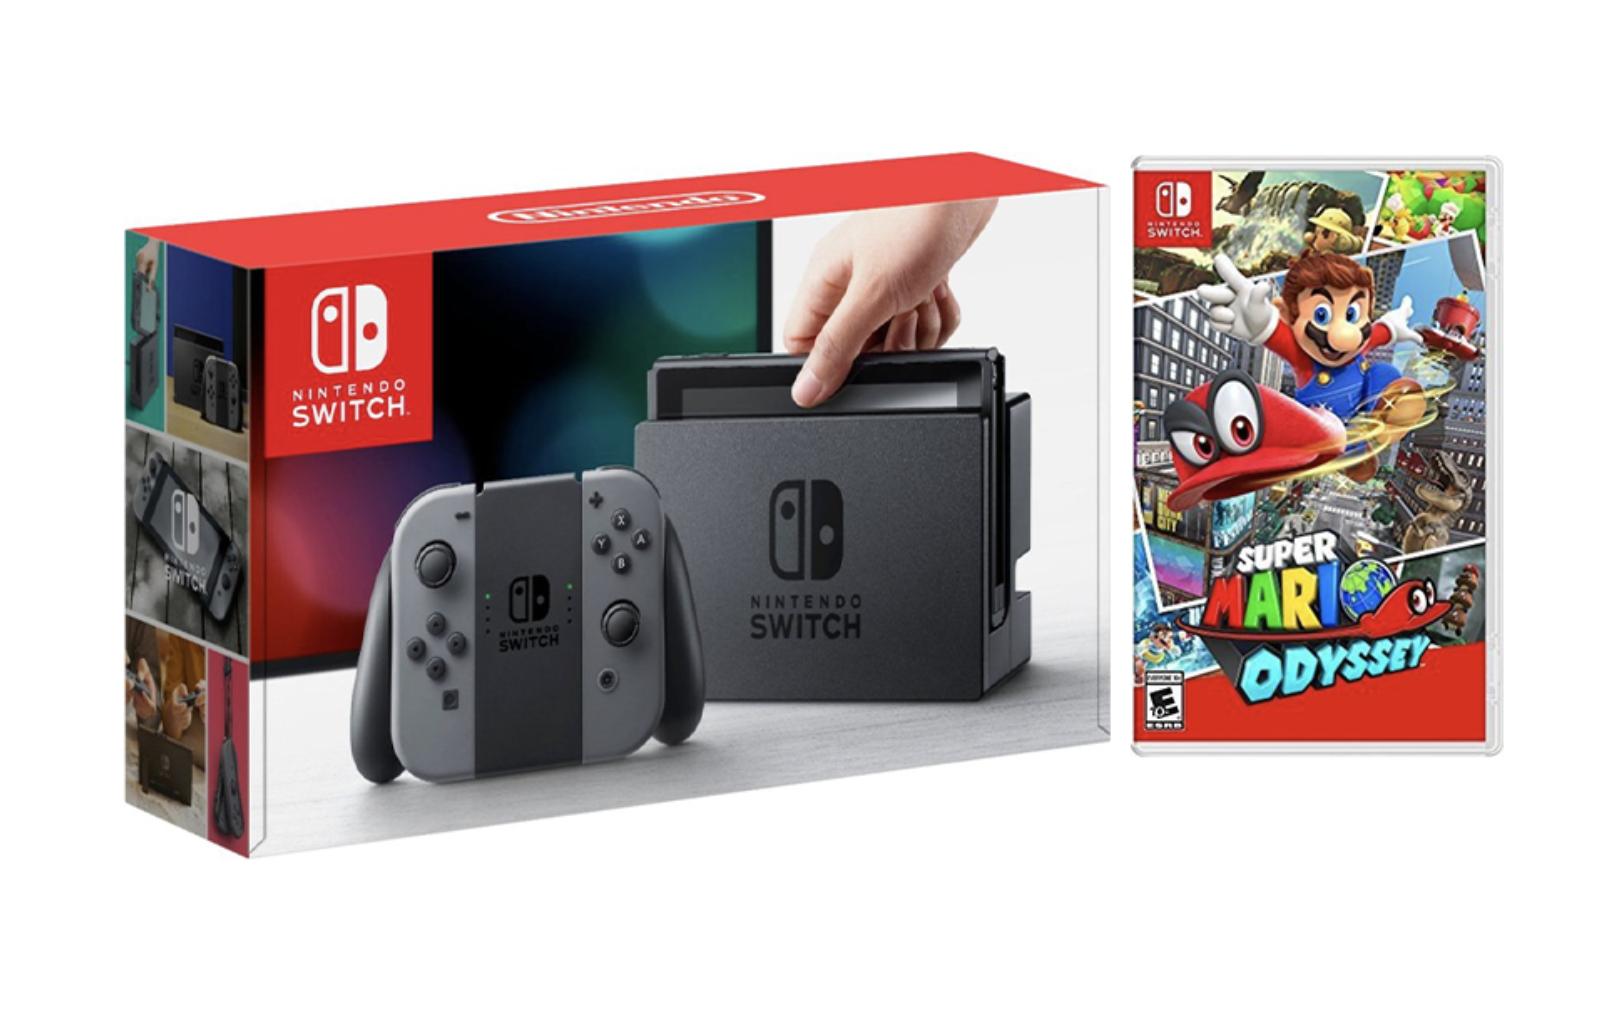 Nintendo Switch Gray Joy-Con Console Bundle with Super Mario Odyssey